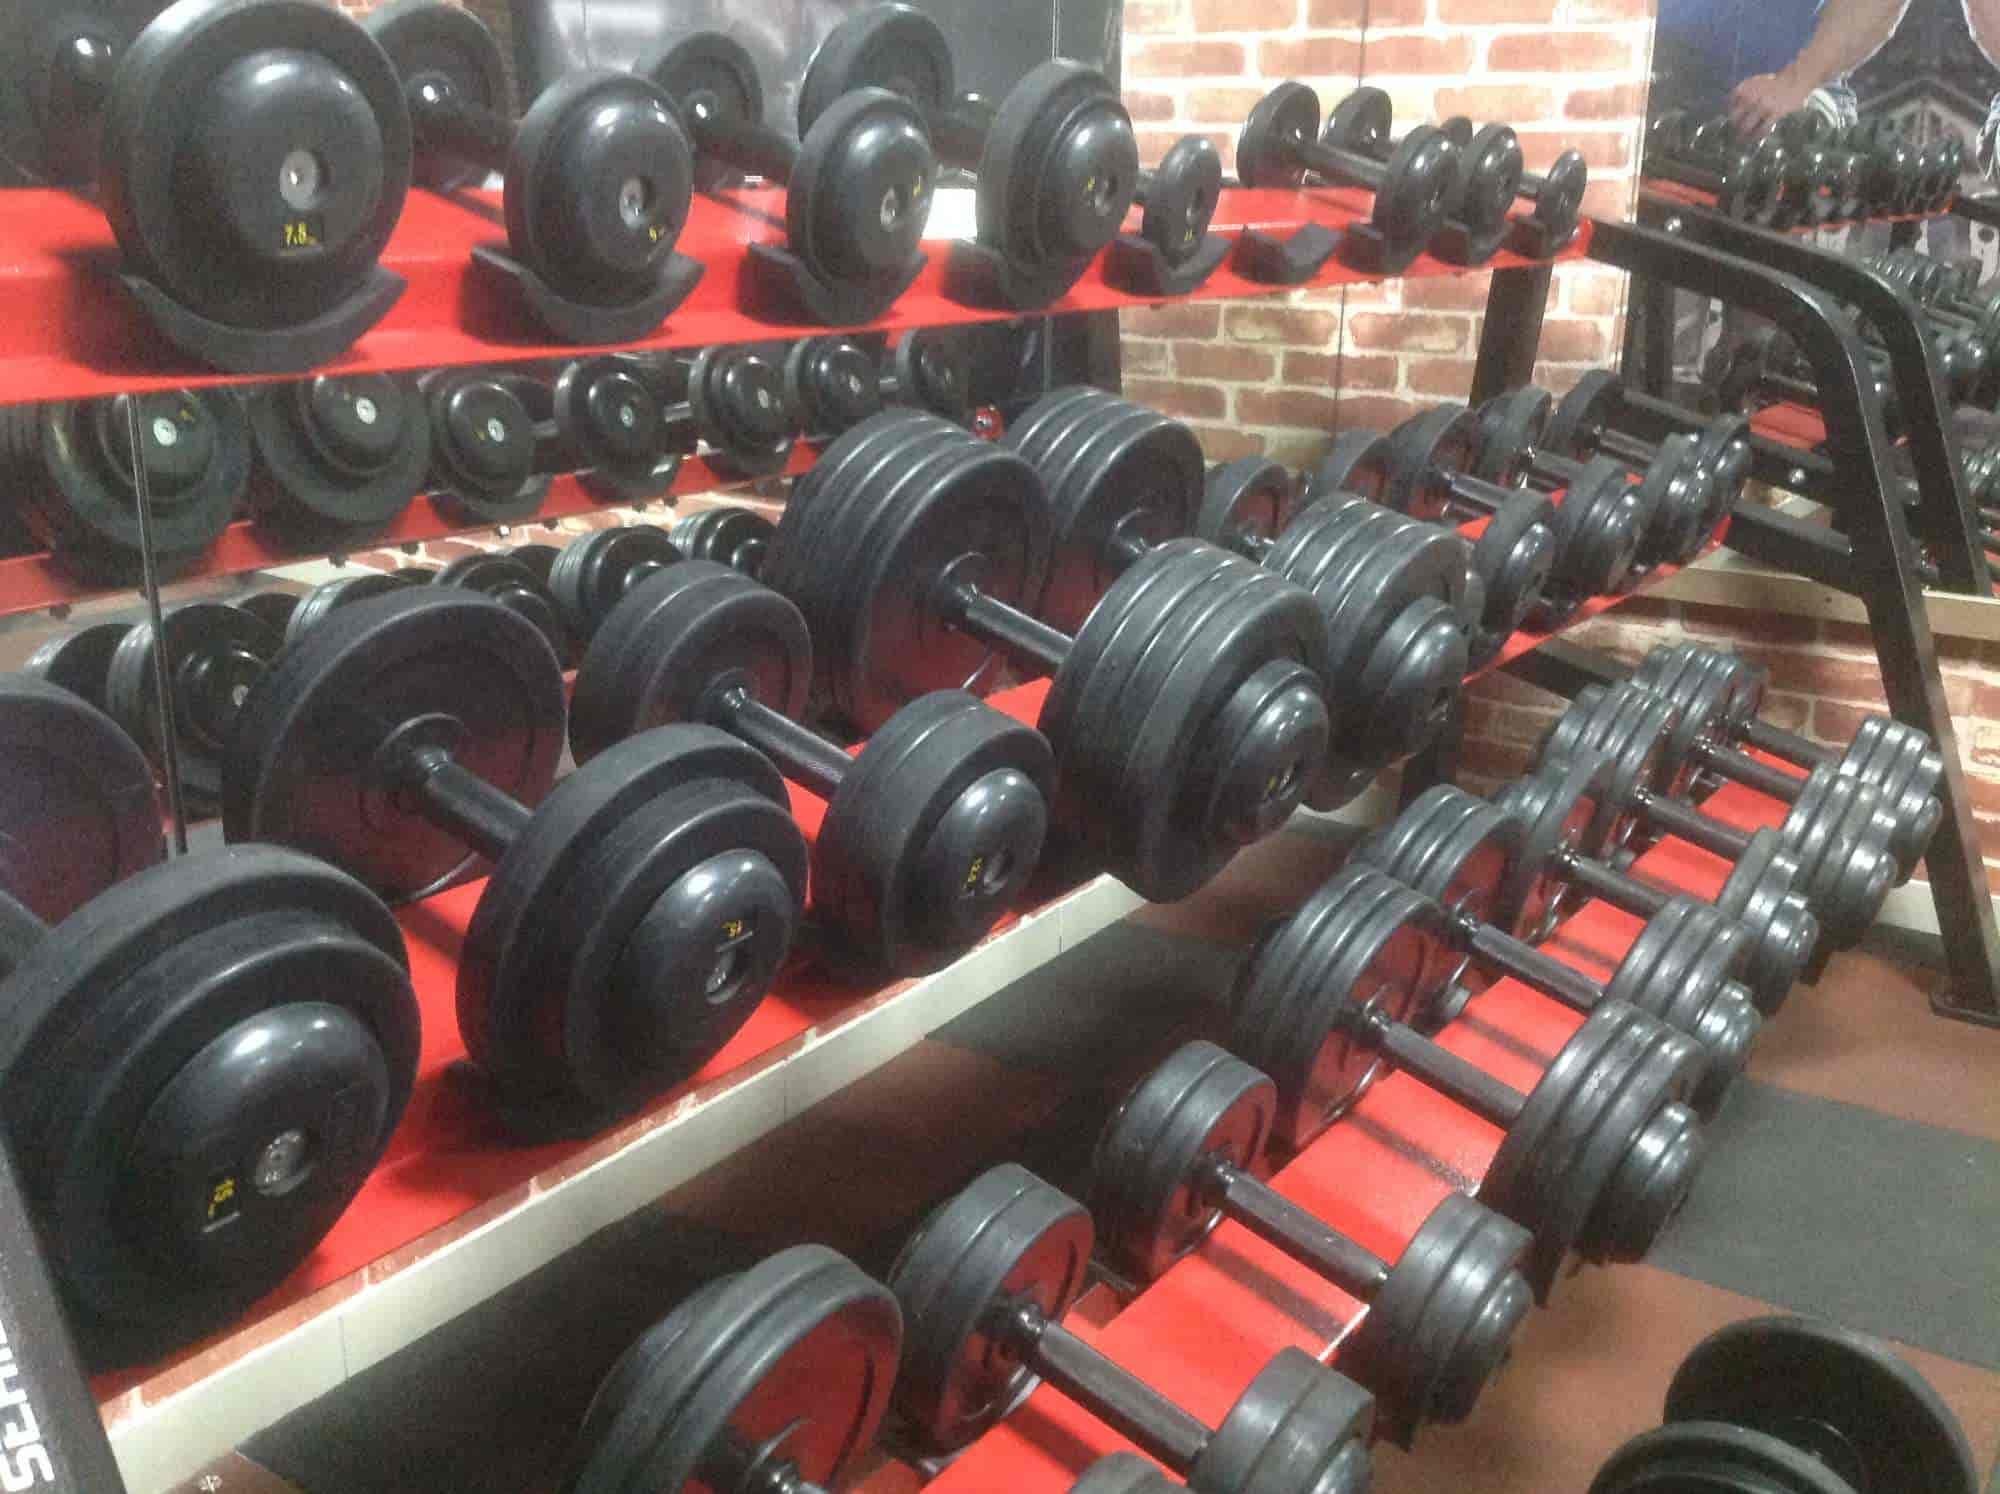 Fitness garage kengeri satelite town gyms in bangalore justdial